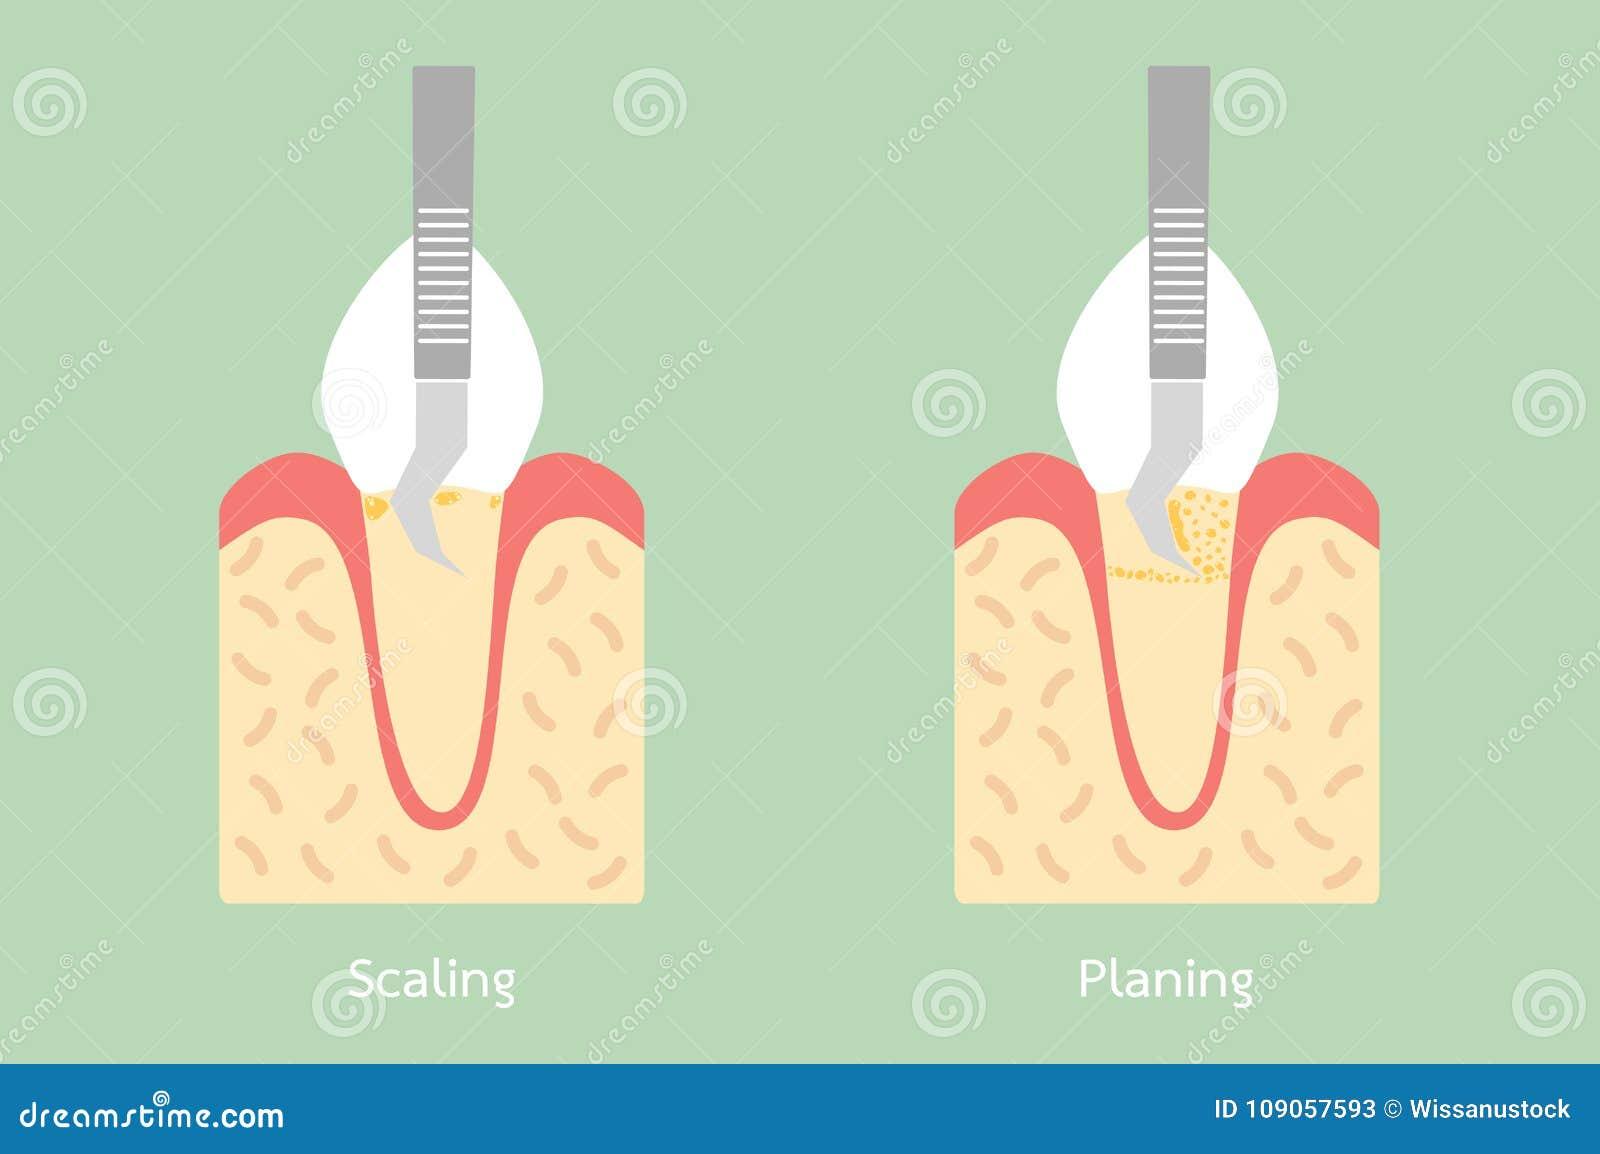 Dientes Que Escalan - Retiro De La Placa Dental, Estructura De La ...